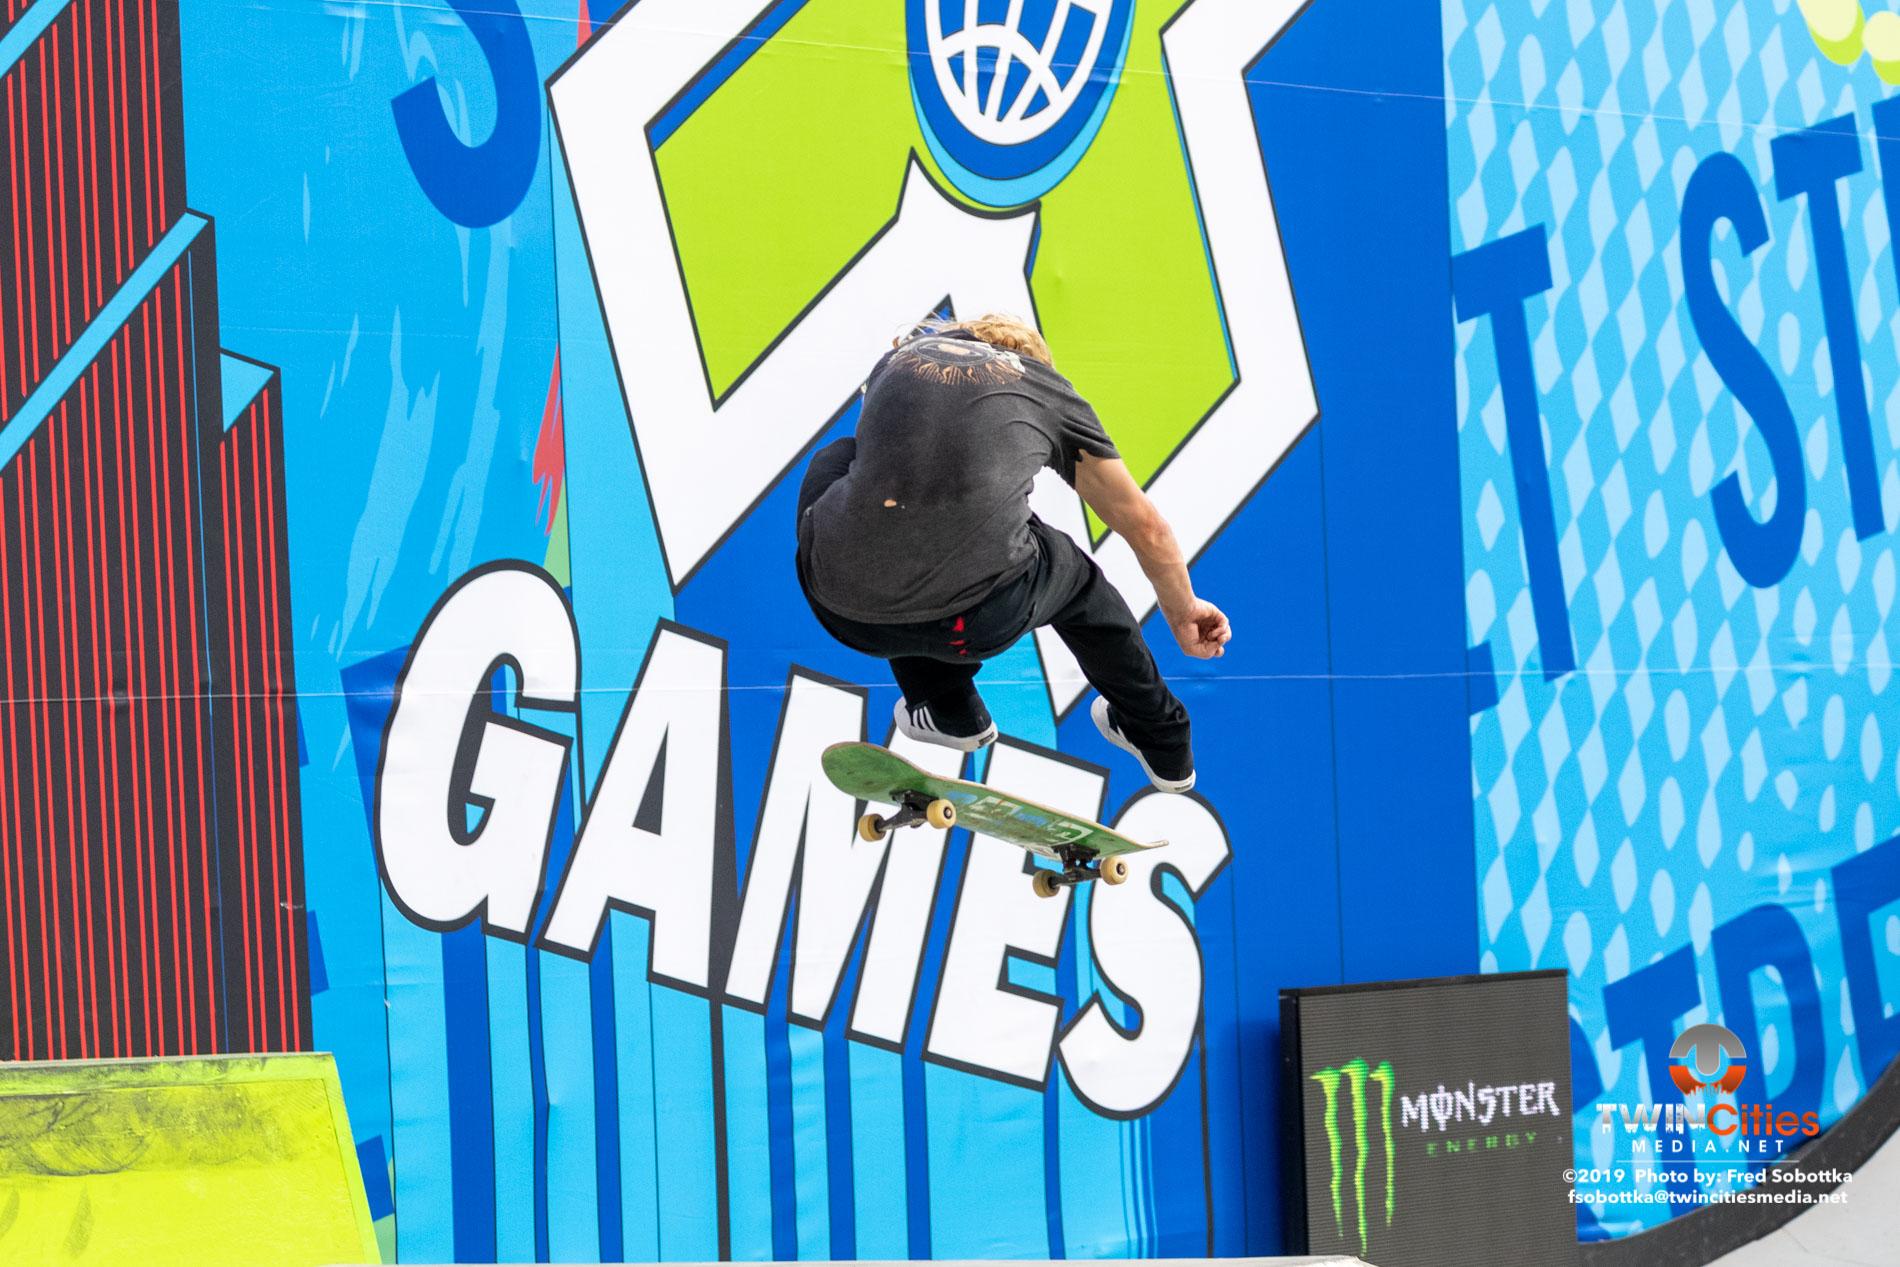 Monster-Energy-Mens-Skateboard-Street-Elimination-08